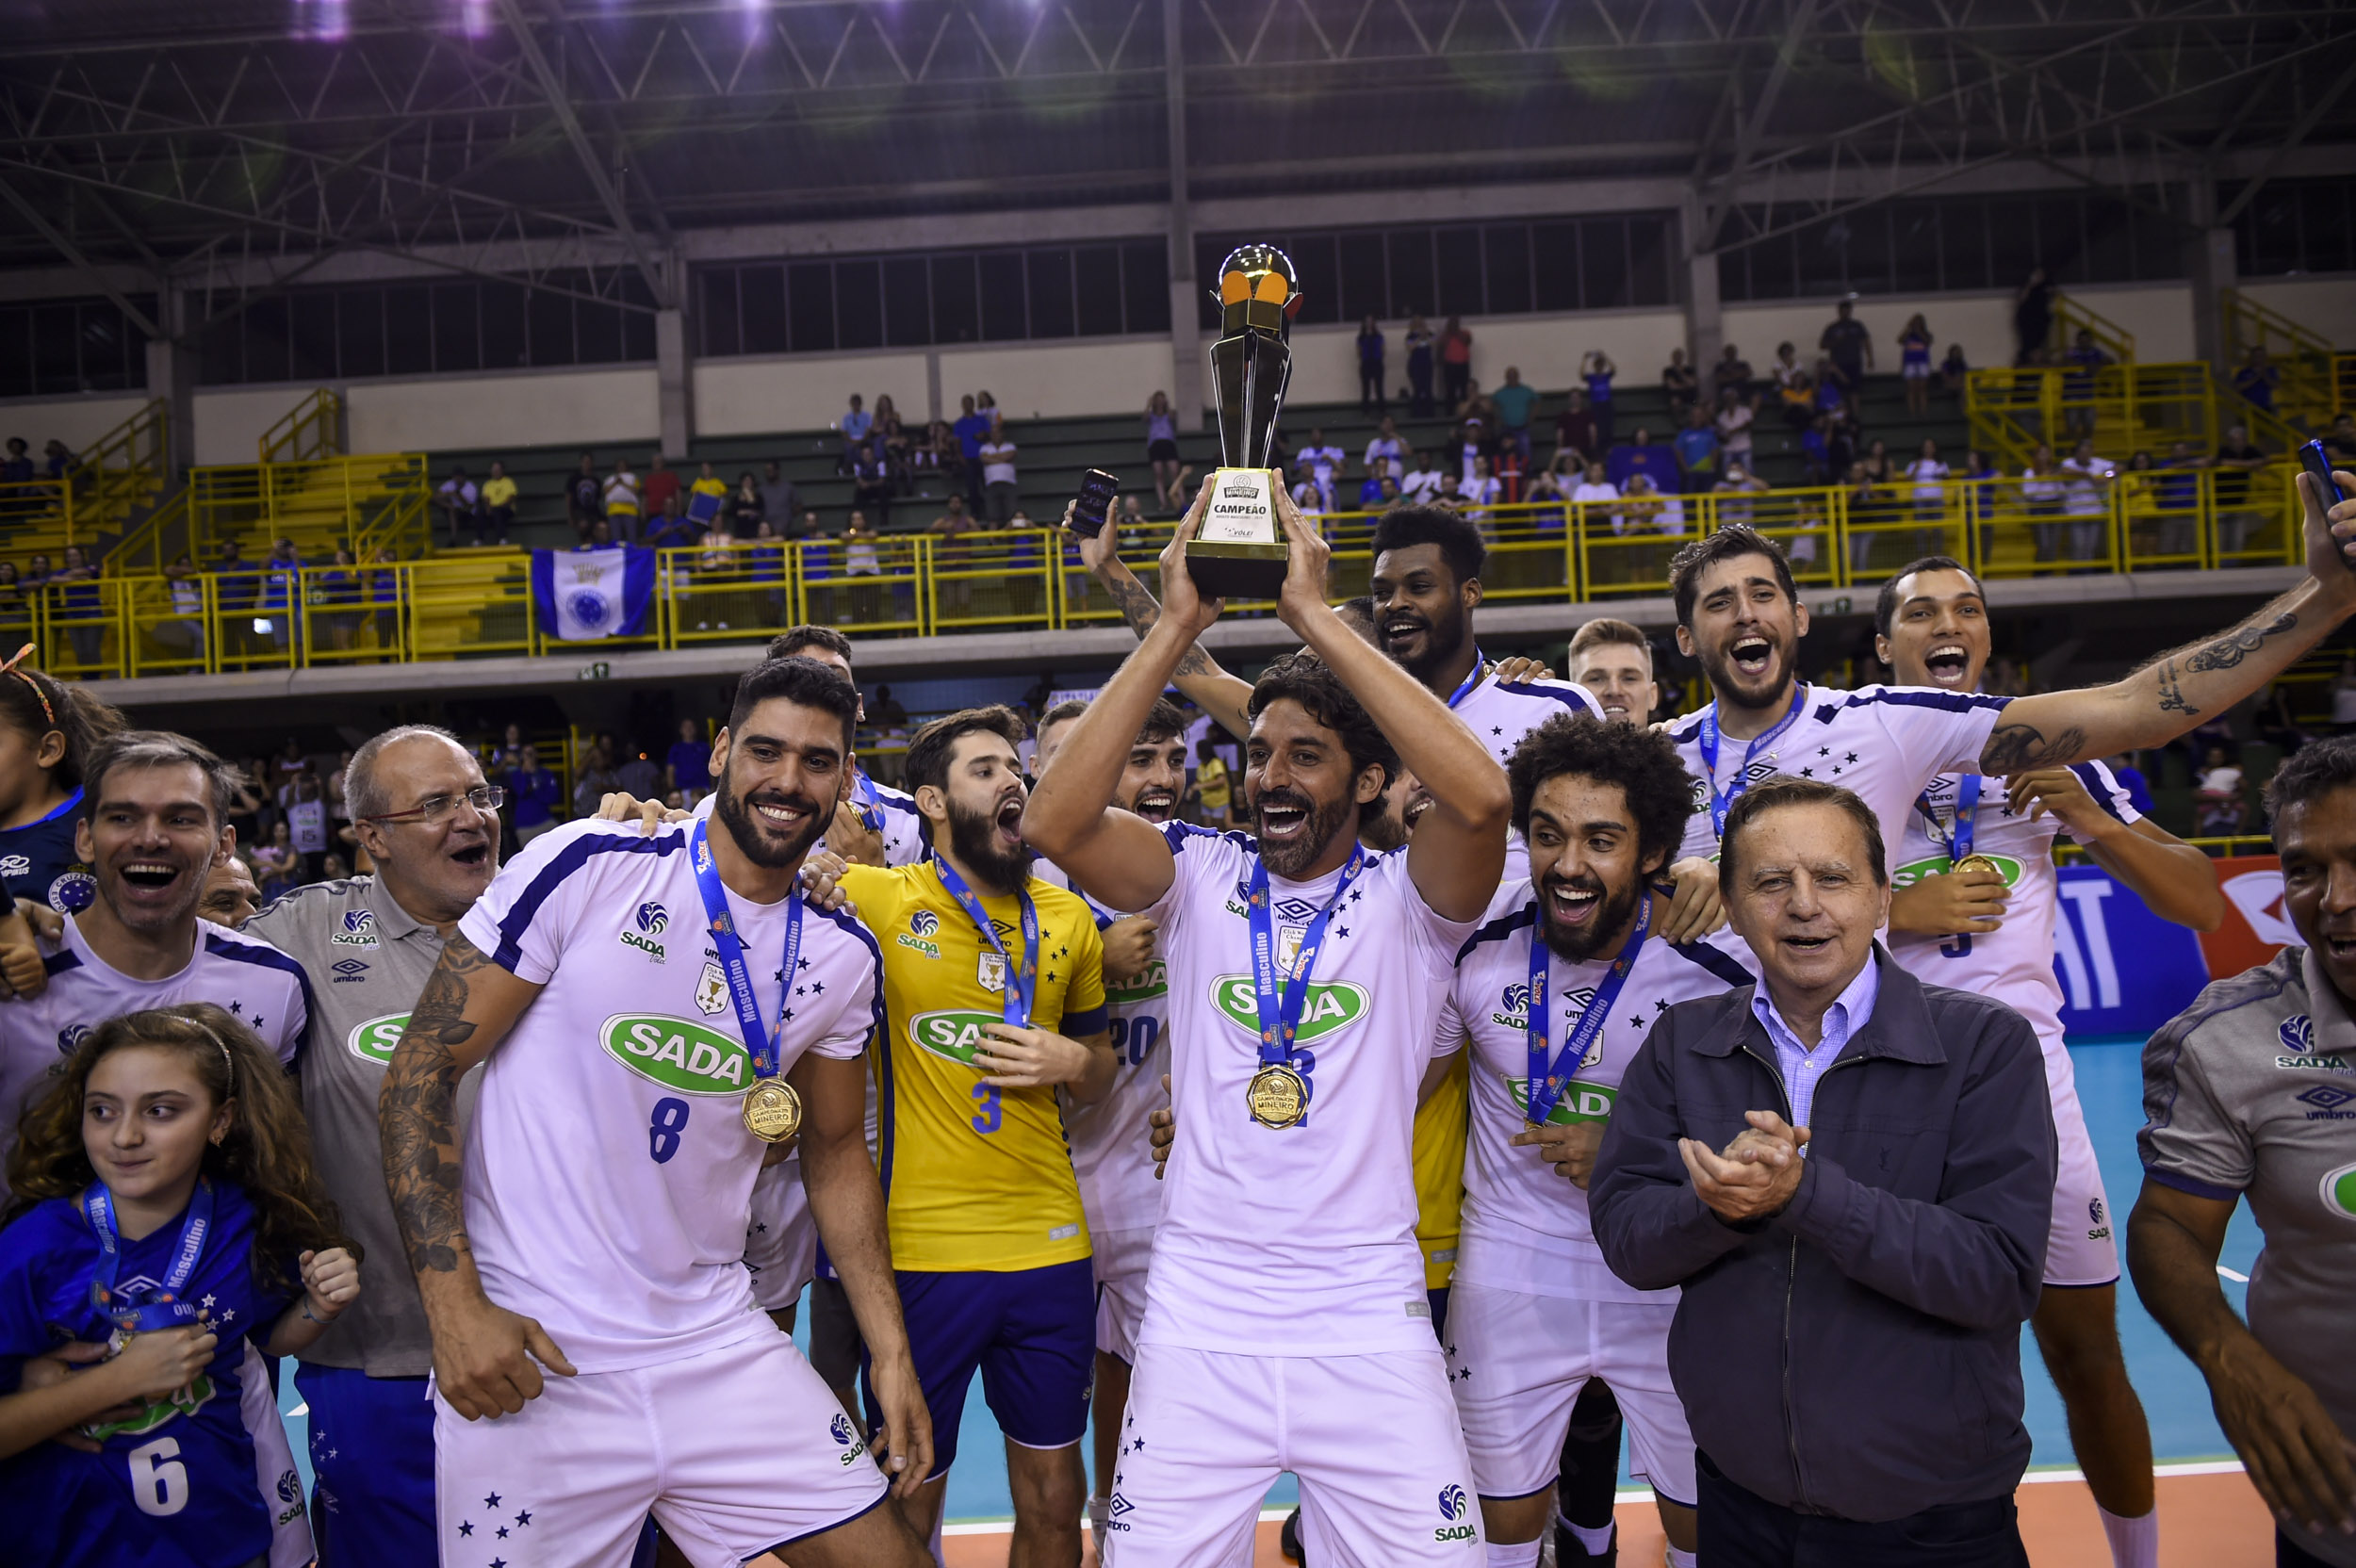 Campeões estaduais, EMS Taubaté Funvic e Sada Cruzeiro se enfrentam na próxima quinta